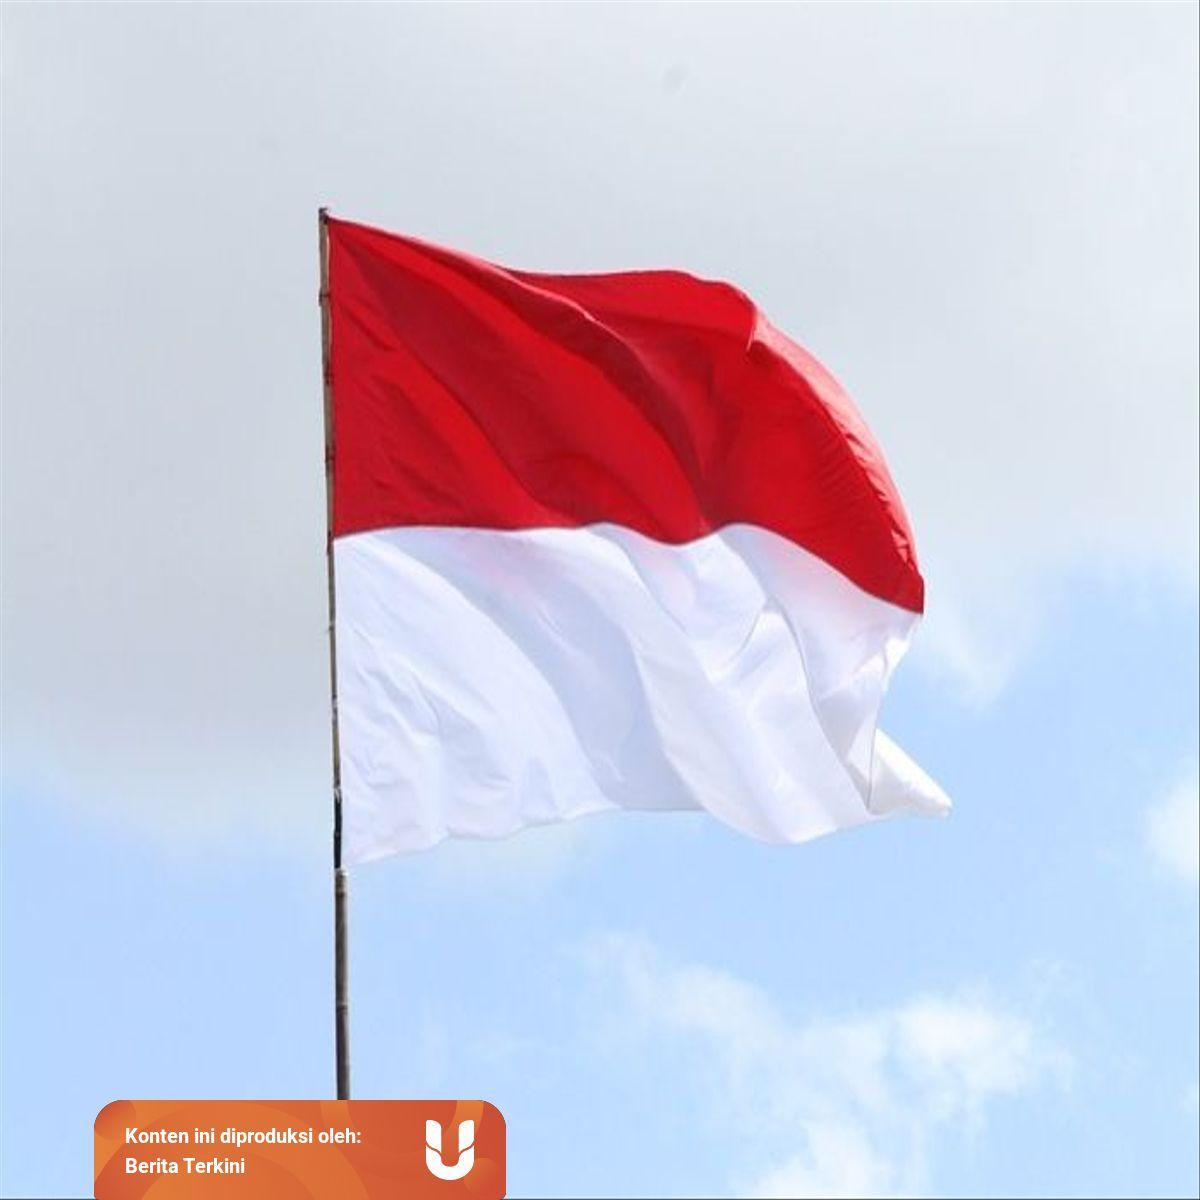 Lirik Lagu Indonesia Raya 3 Stanza Diciptakan Oleh Wr Soepratman Ini Isinya Kumparan Com